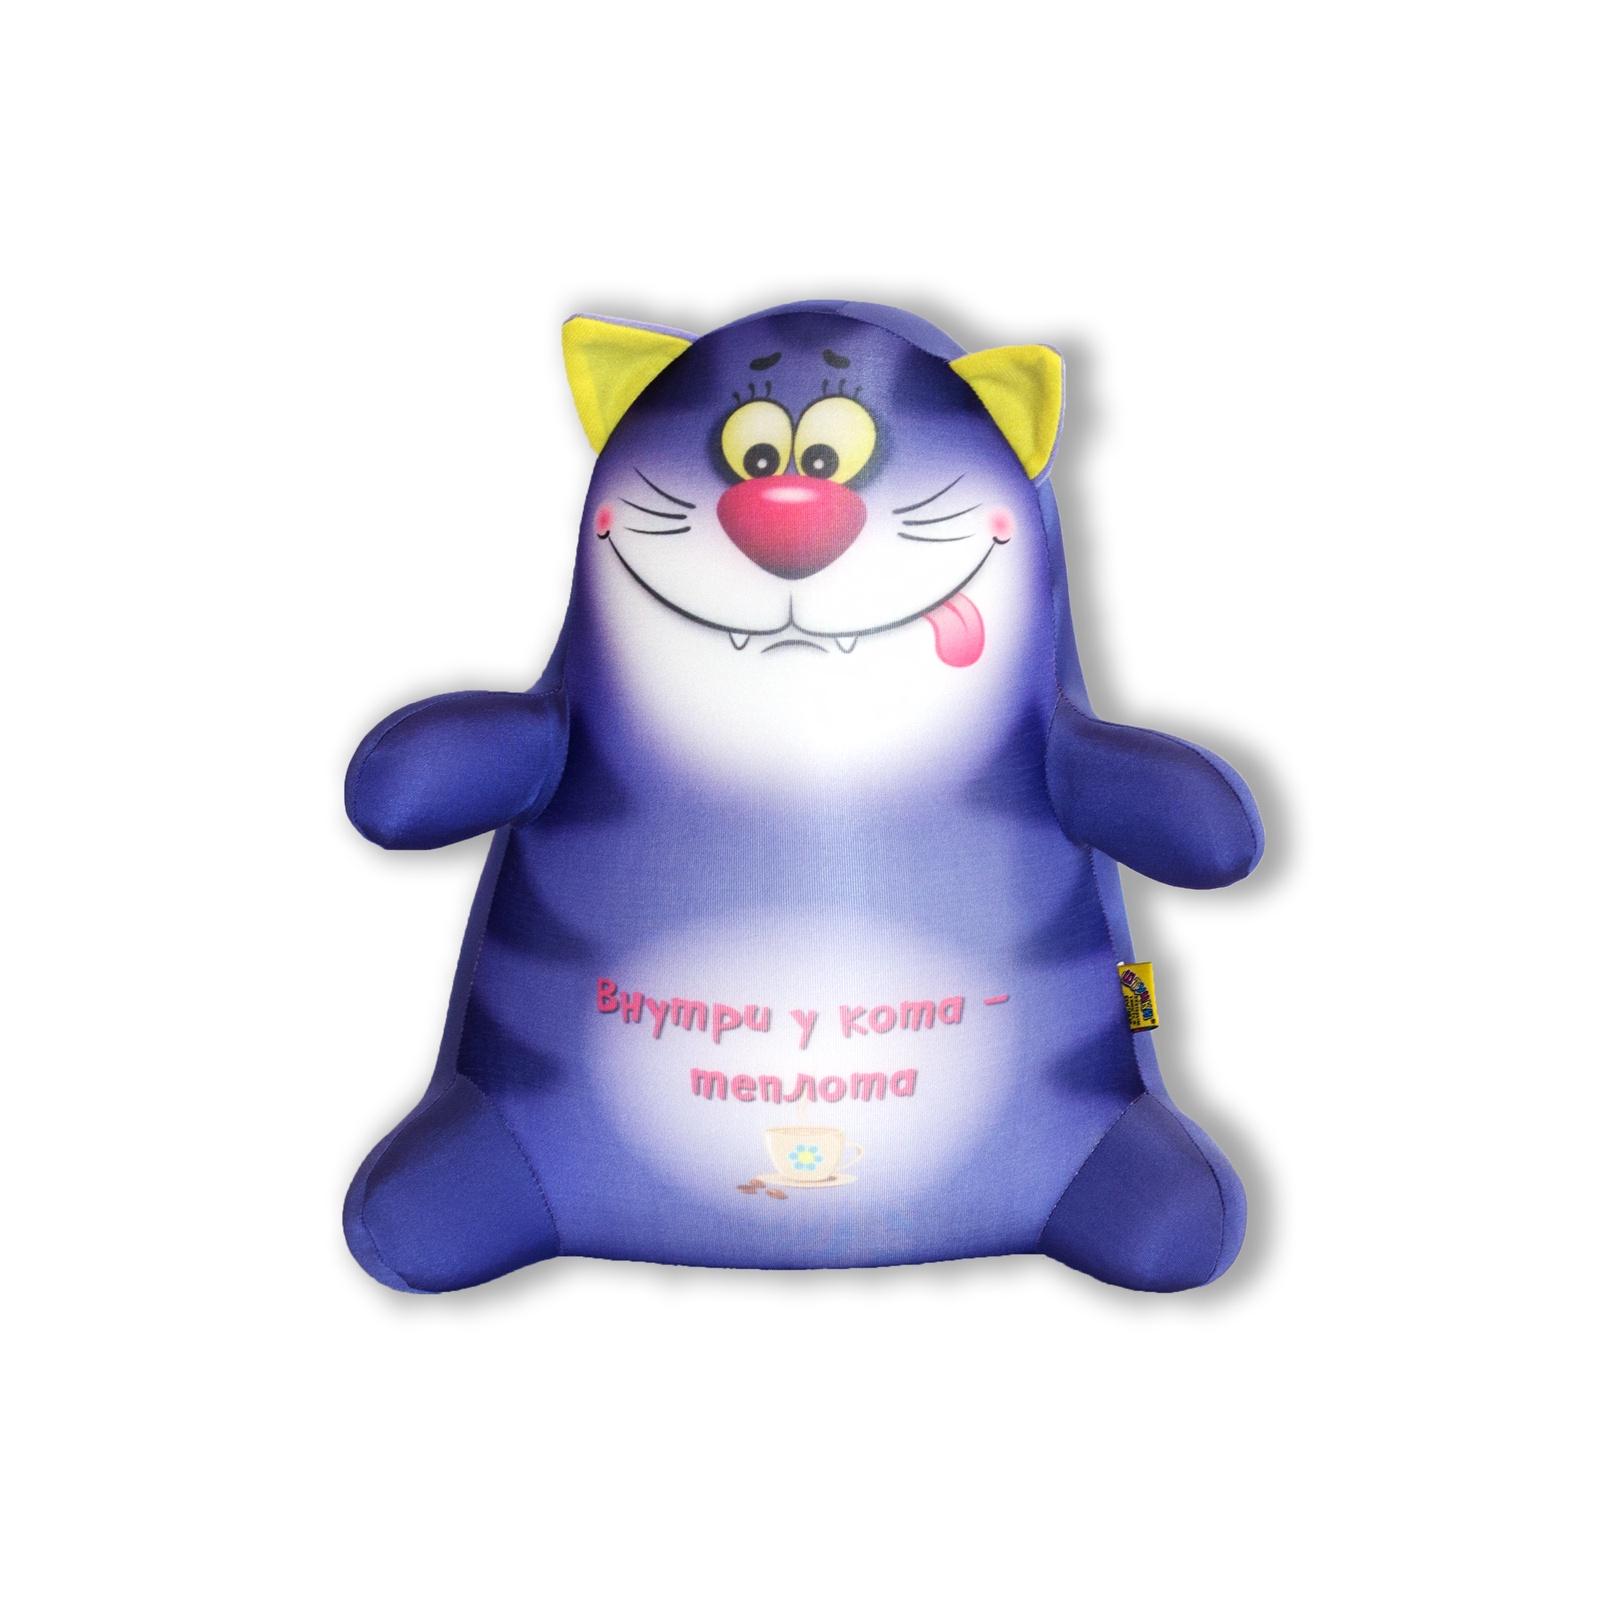 Подушка-игрушка Штучки, к которым тянутся ручки антистресс Котики Обормотики, фиолетовый, фиолетовый